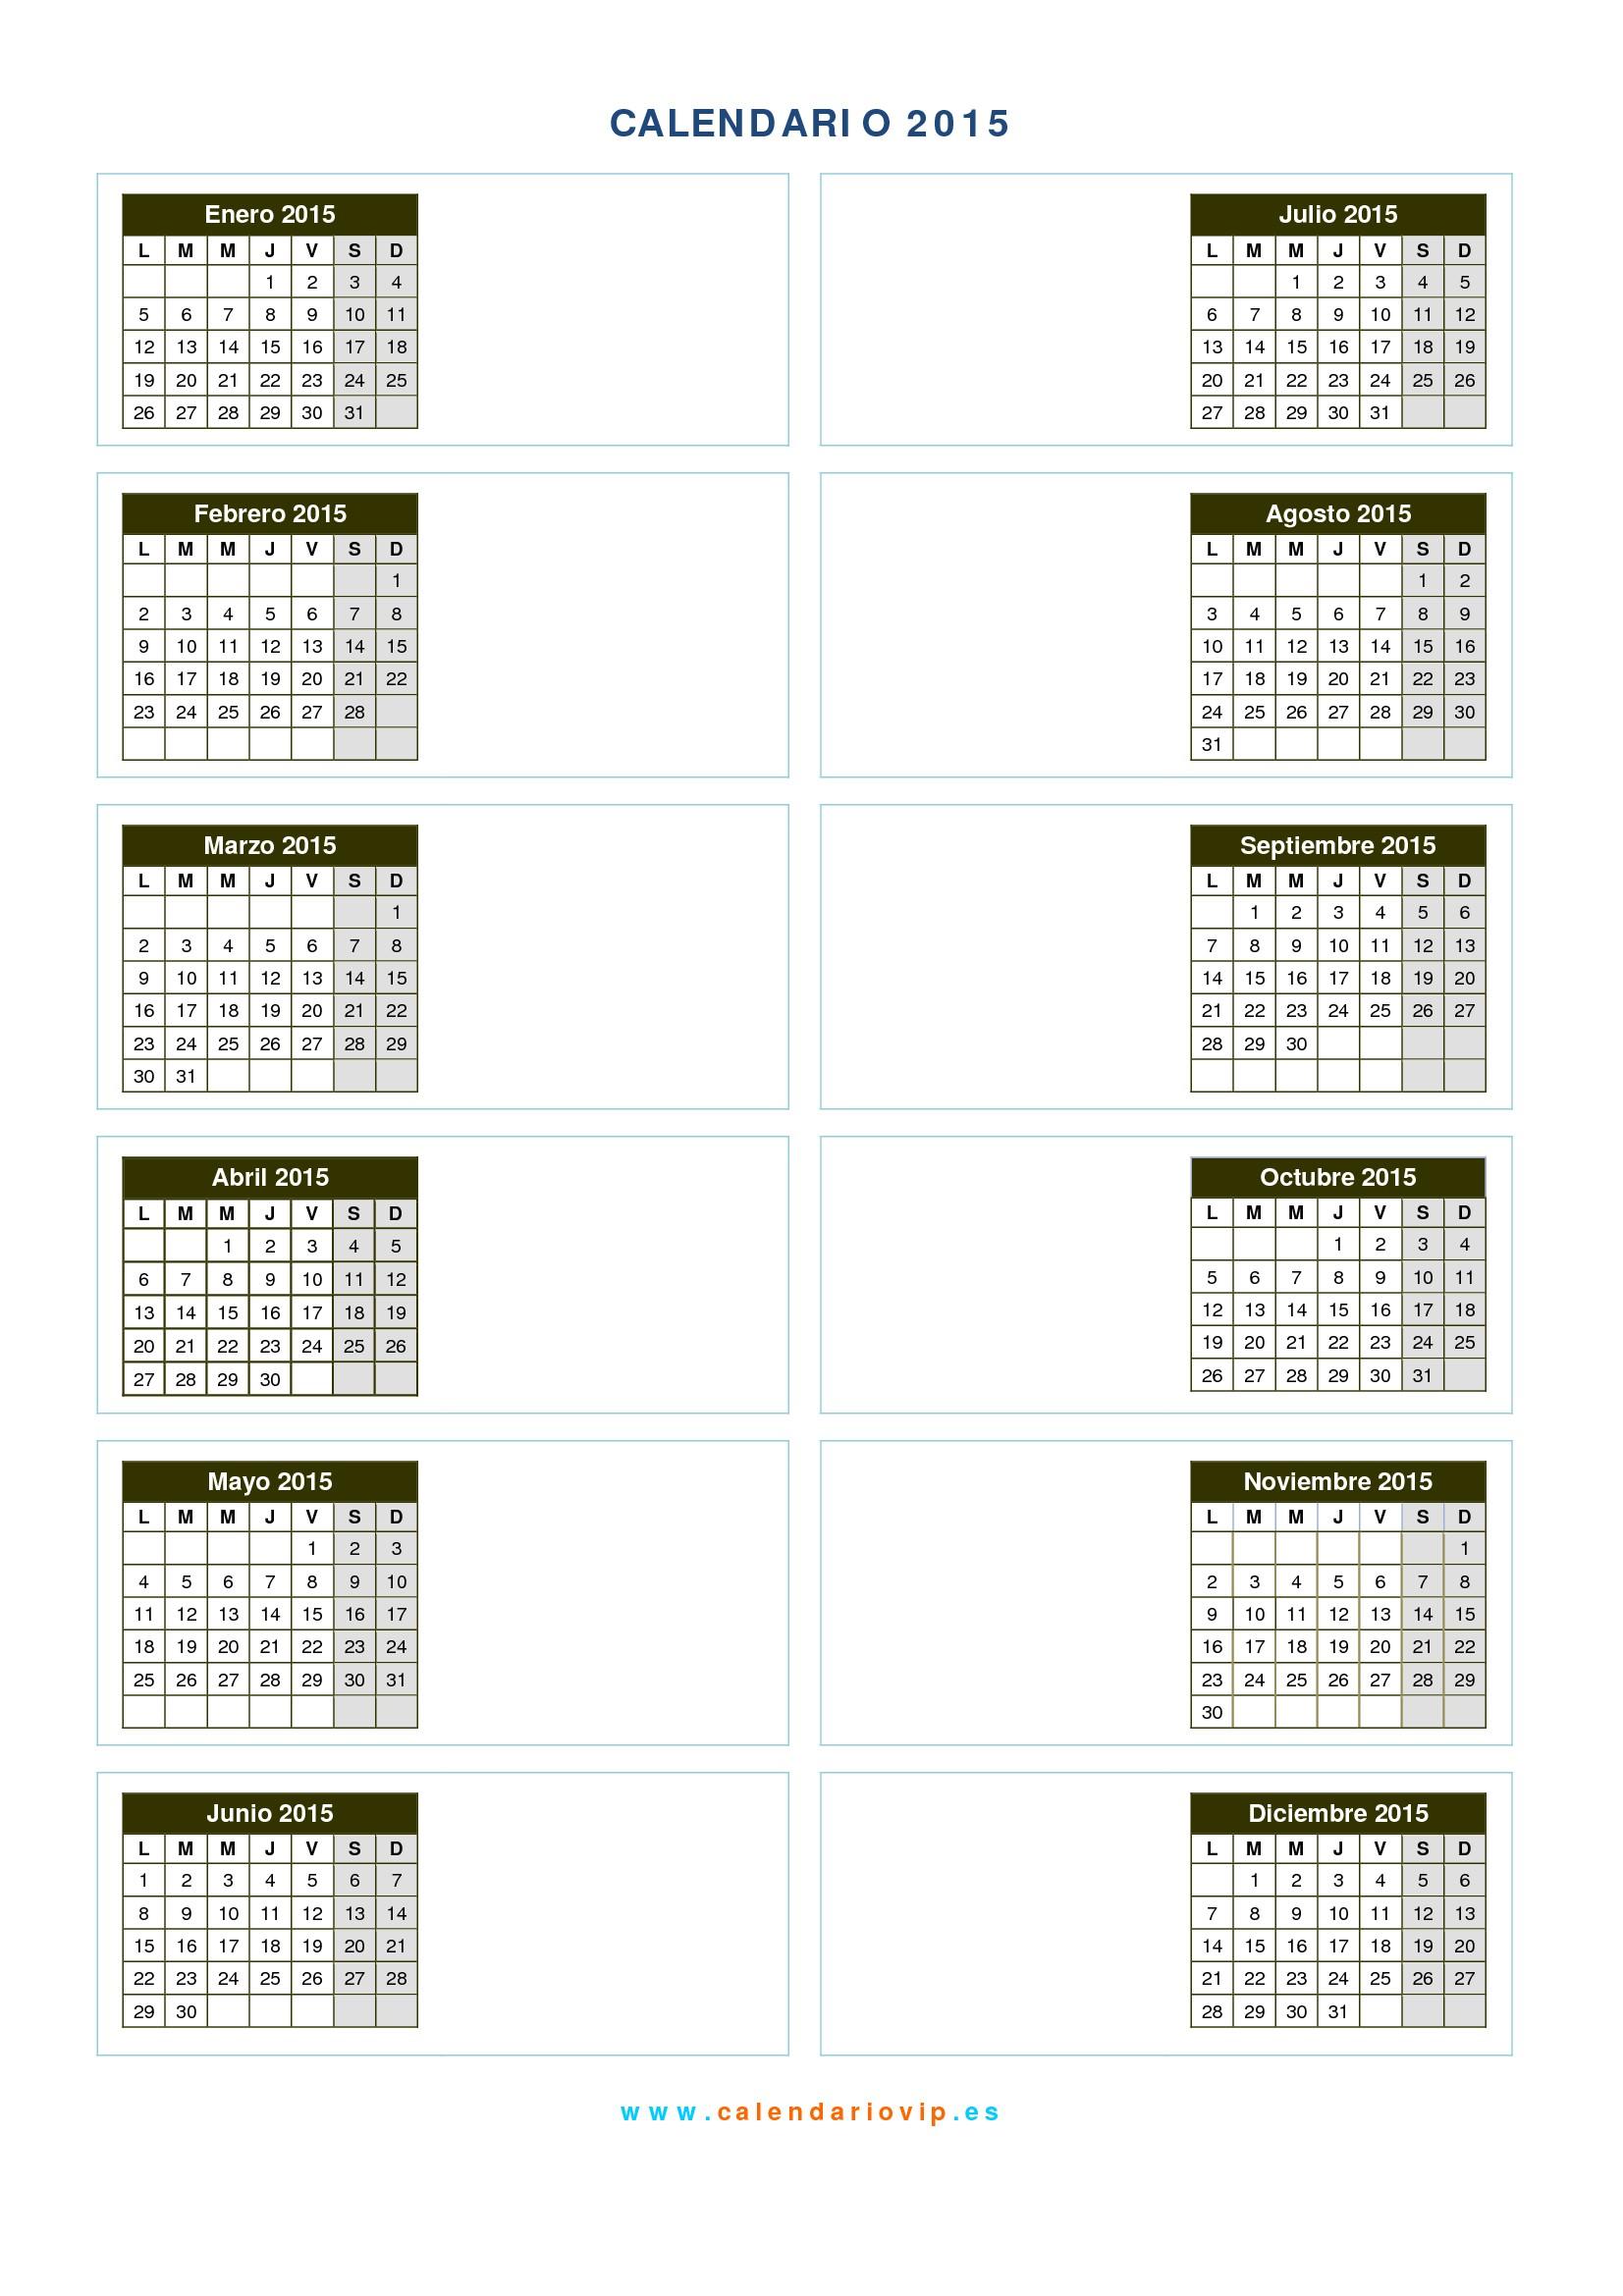 calendario anuales 2015 04 calendario anuales 2015 05